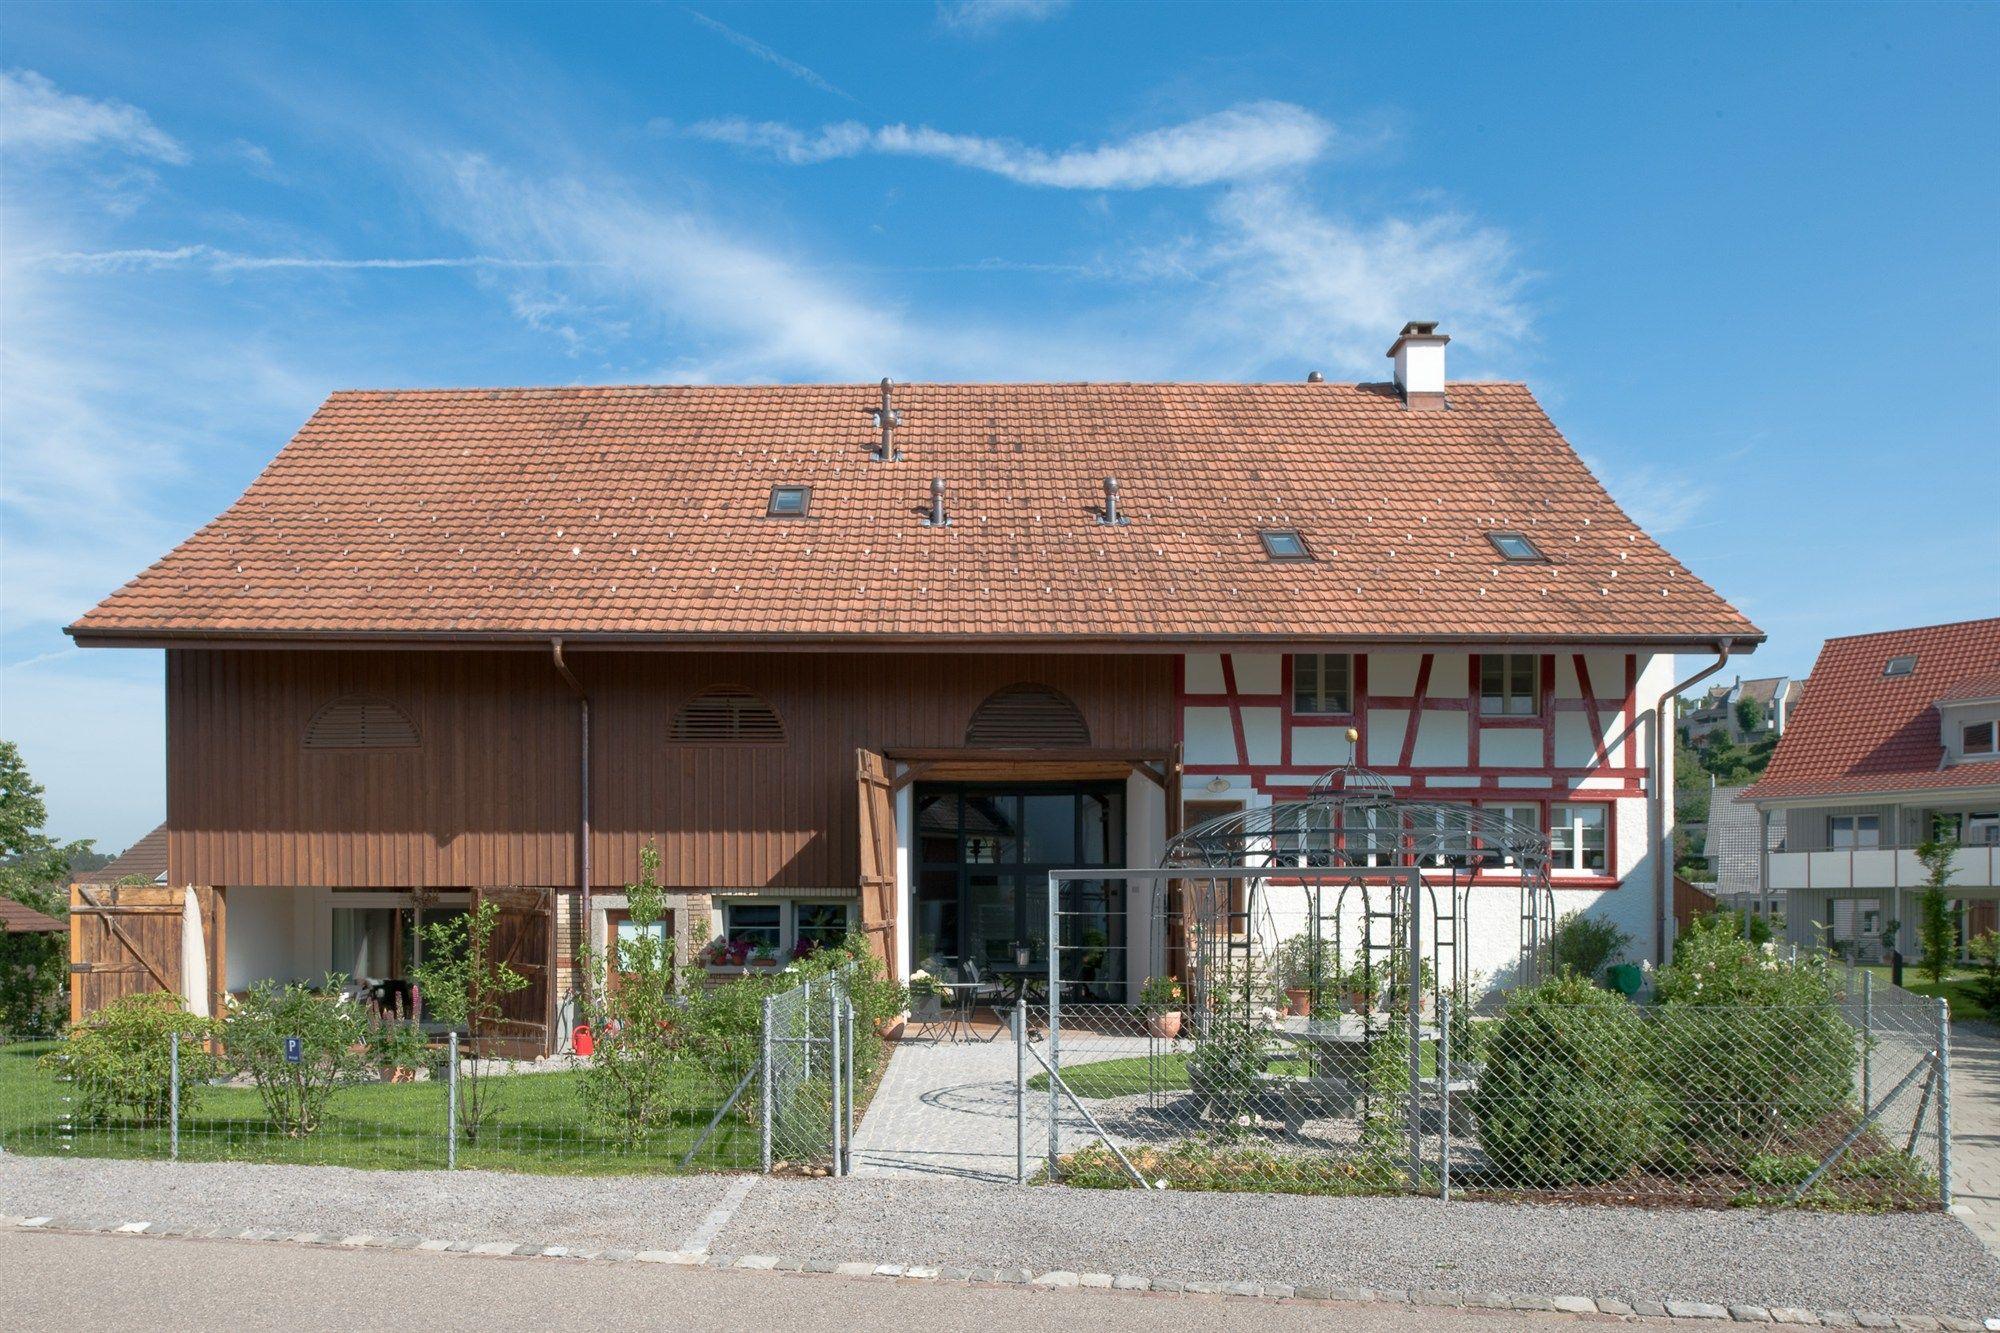 Umbau einer Scheune zum Wohnhaus in Niederbayern Geneigtes Dach Wohnen baunetzwissen Exterior Pinterest